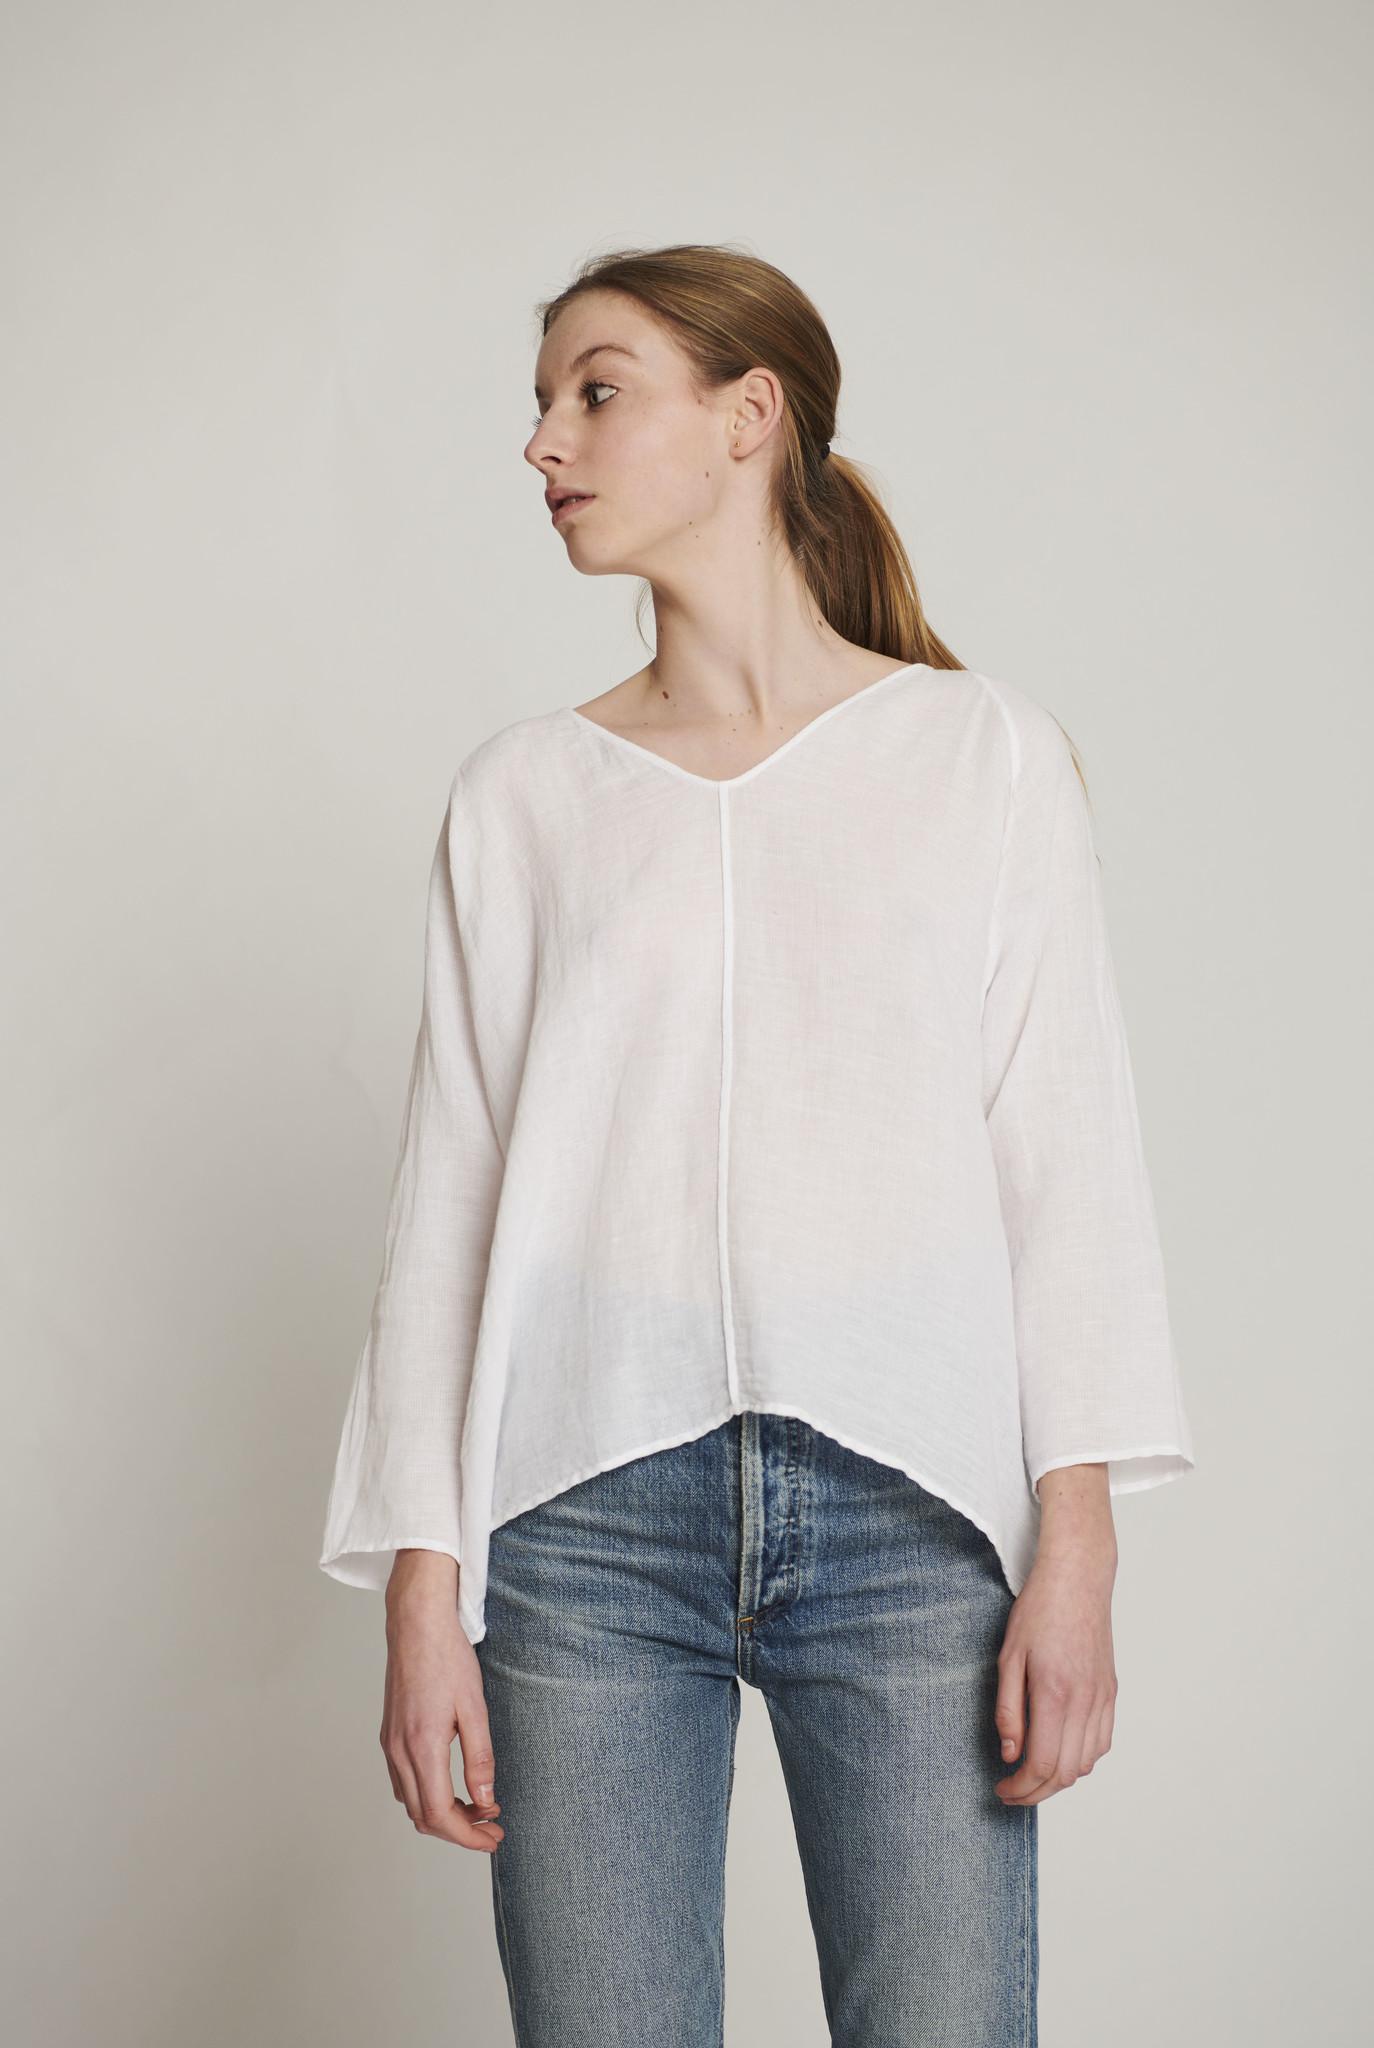 V top white linen cotton